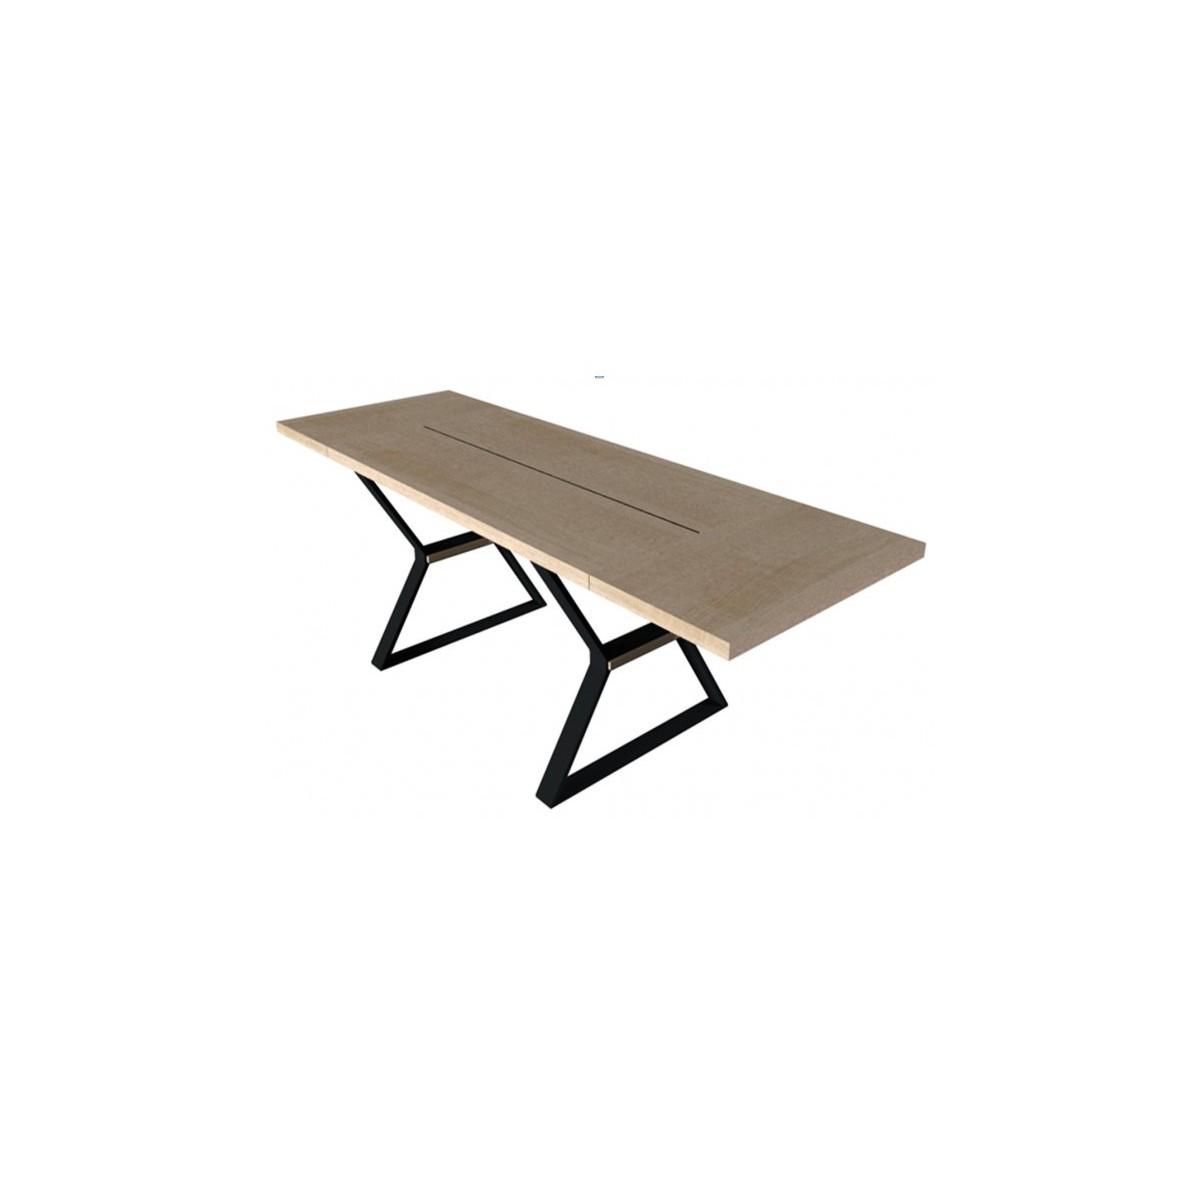 Stół Prime I 180 z wsadami dokładanymi Mebin